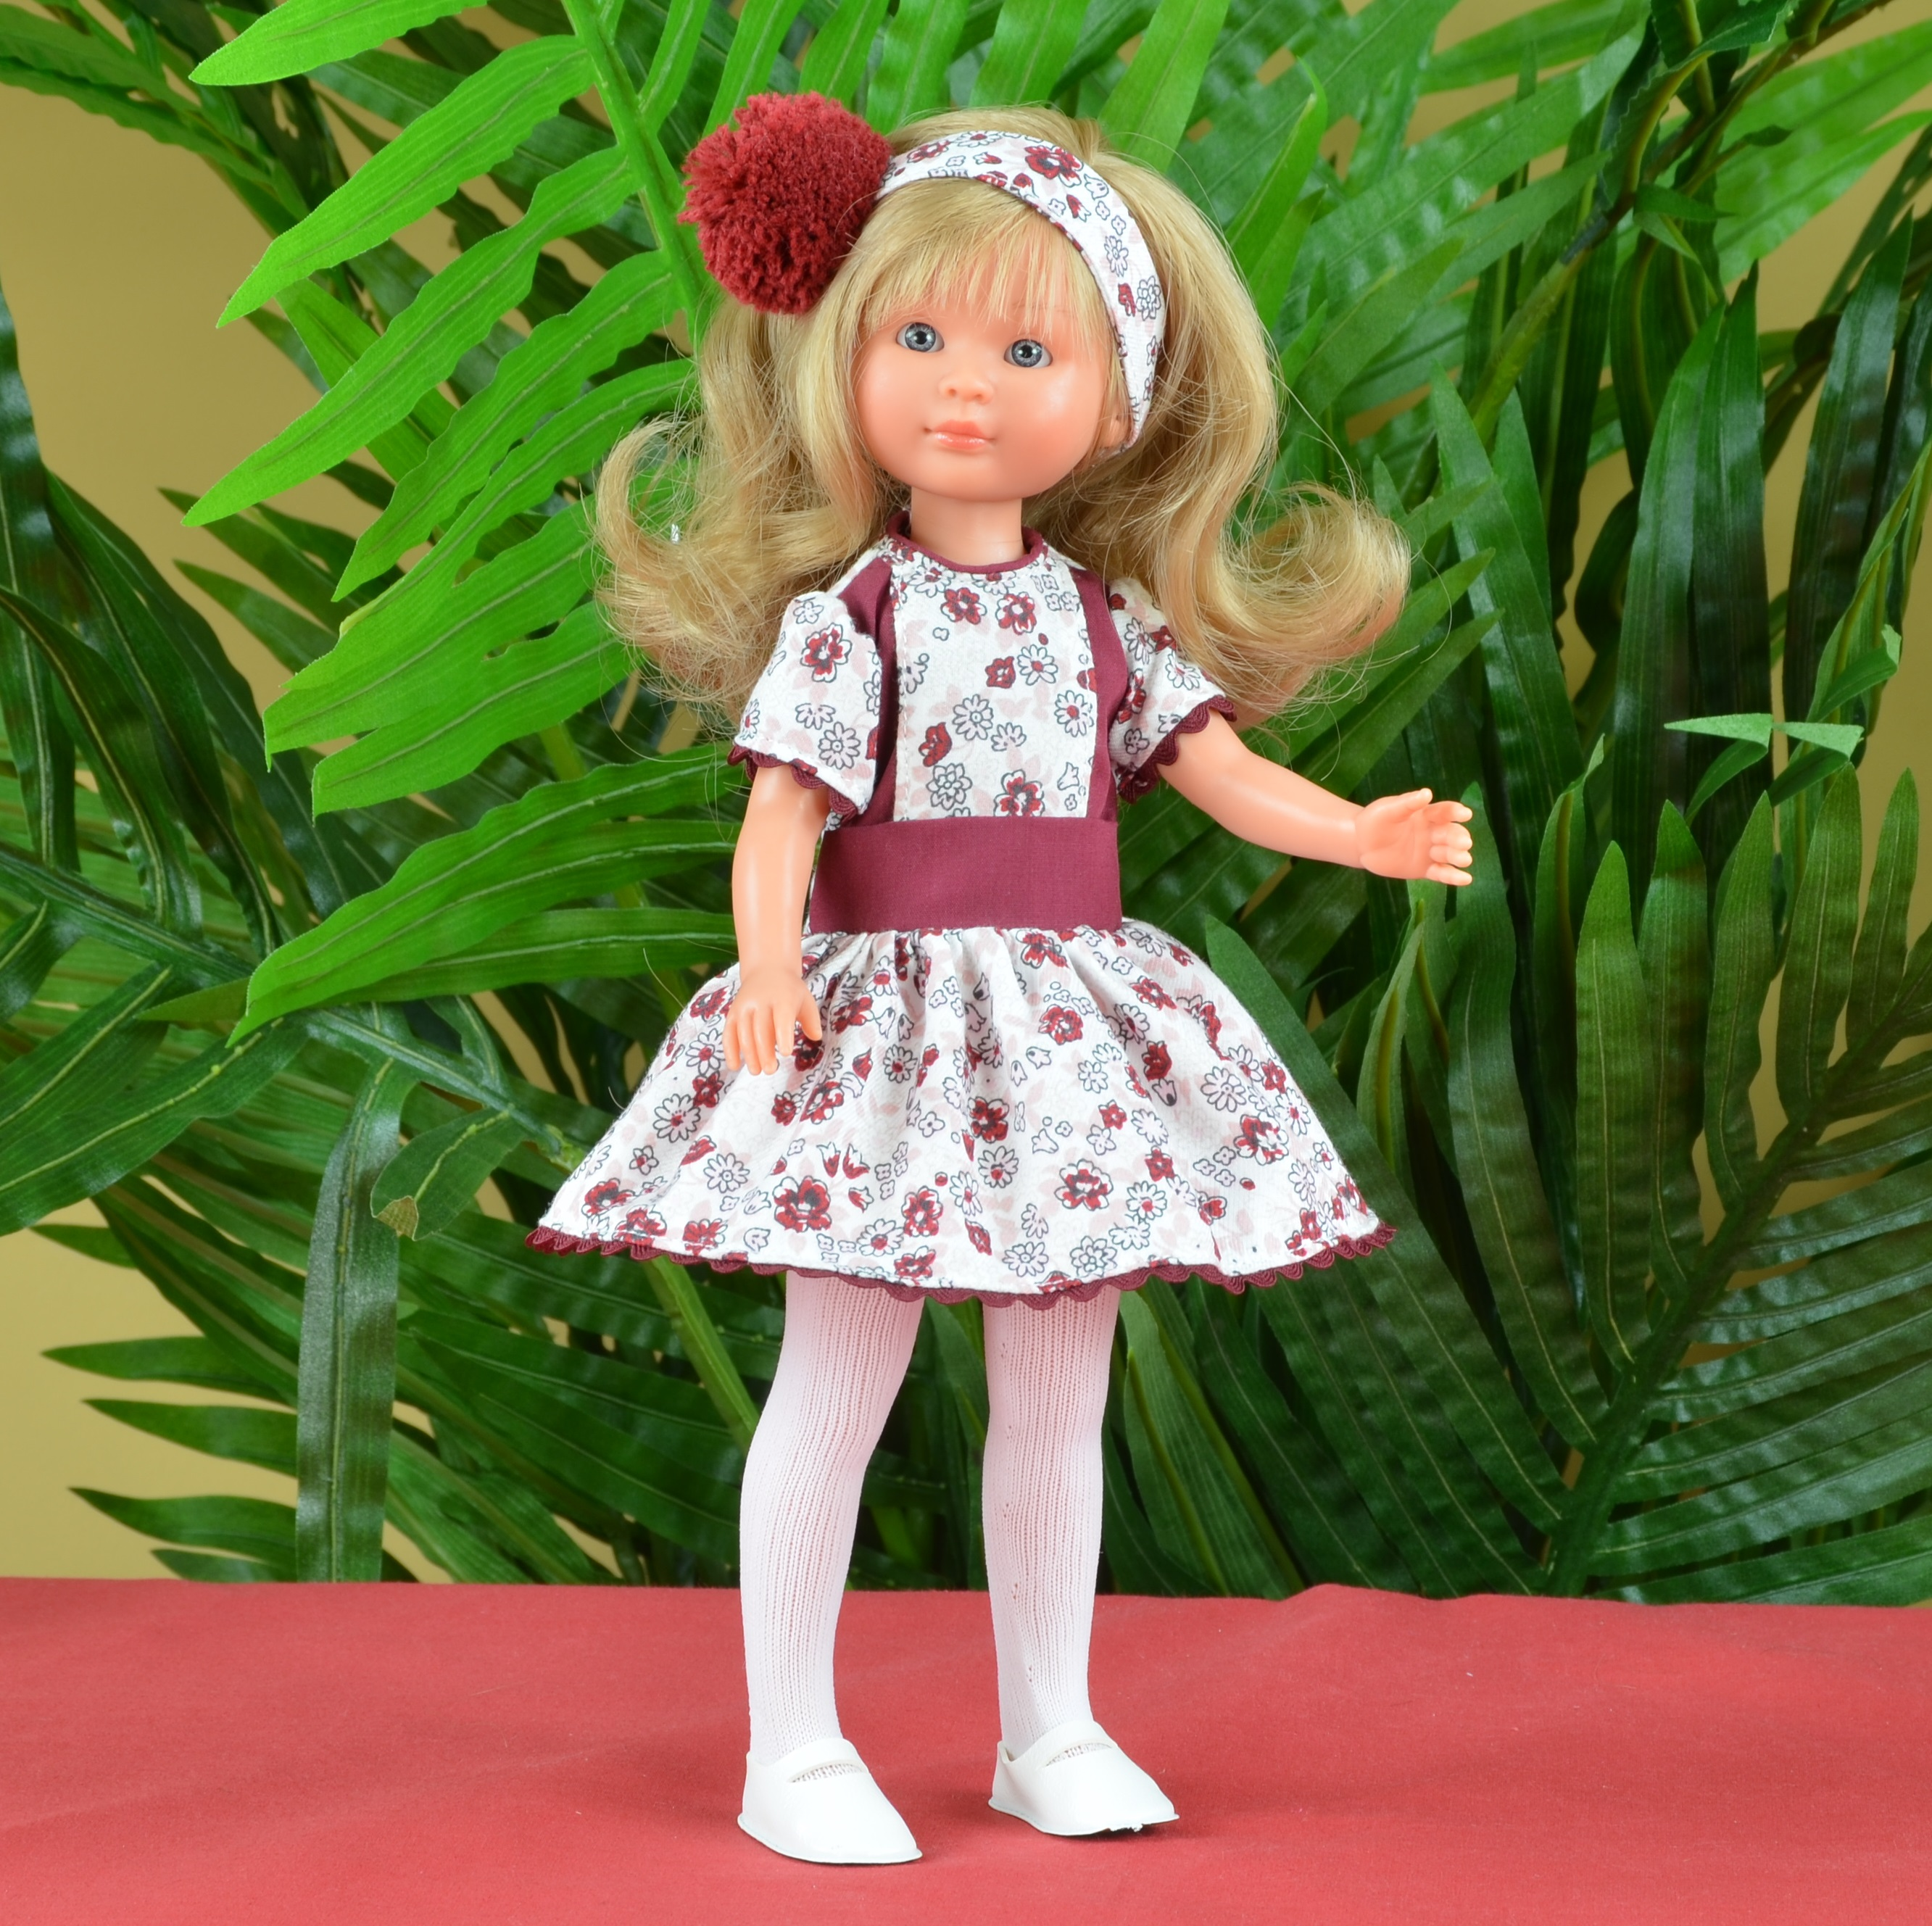 Купить Кукла Селия в бордовом платье, 30 см., ASI